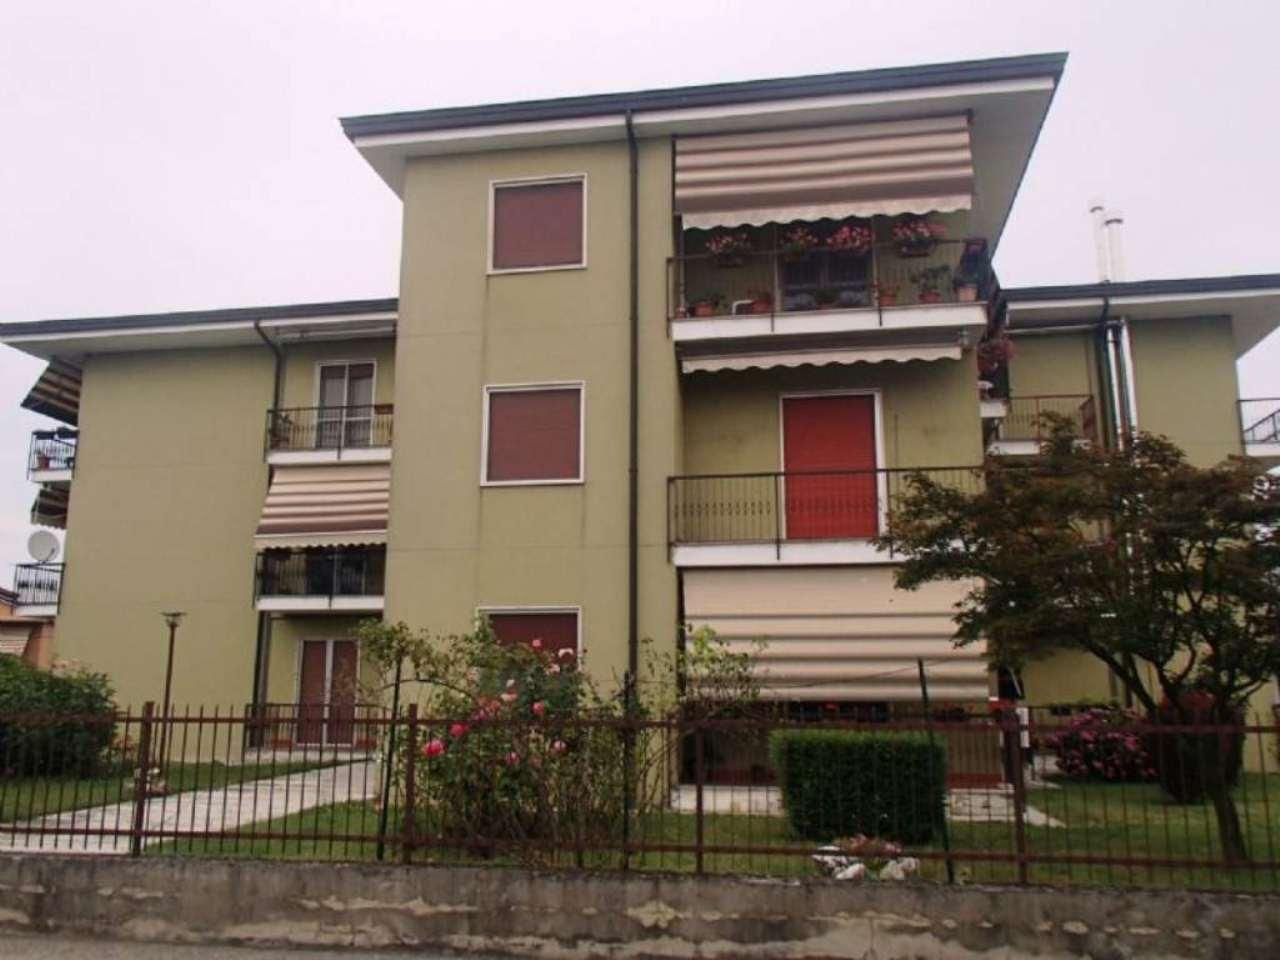 Appartamento in vendita a Valera Fratta, 3 locali, prezzo € 75.000 | CambioCasa.it